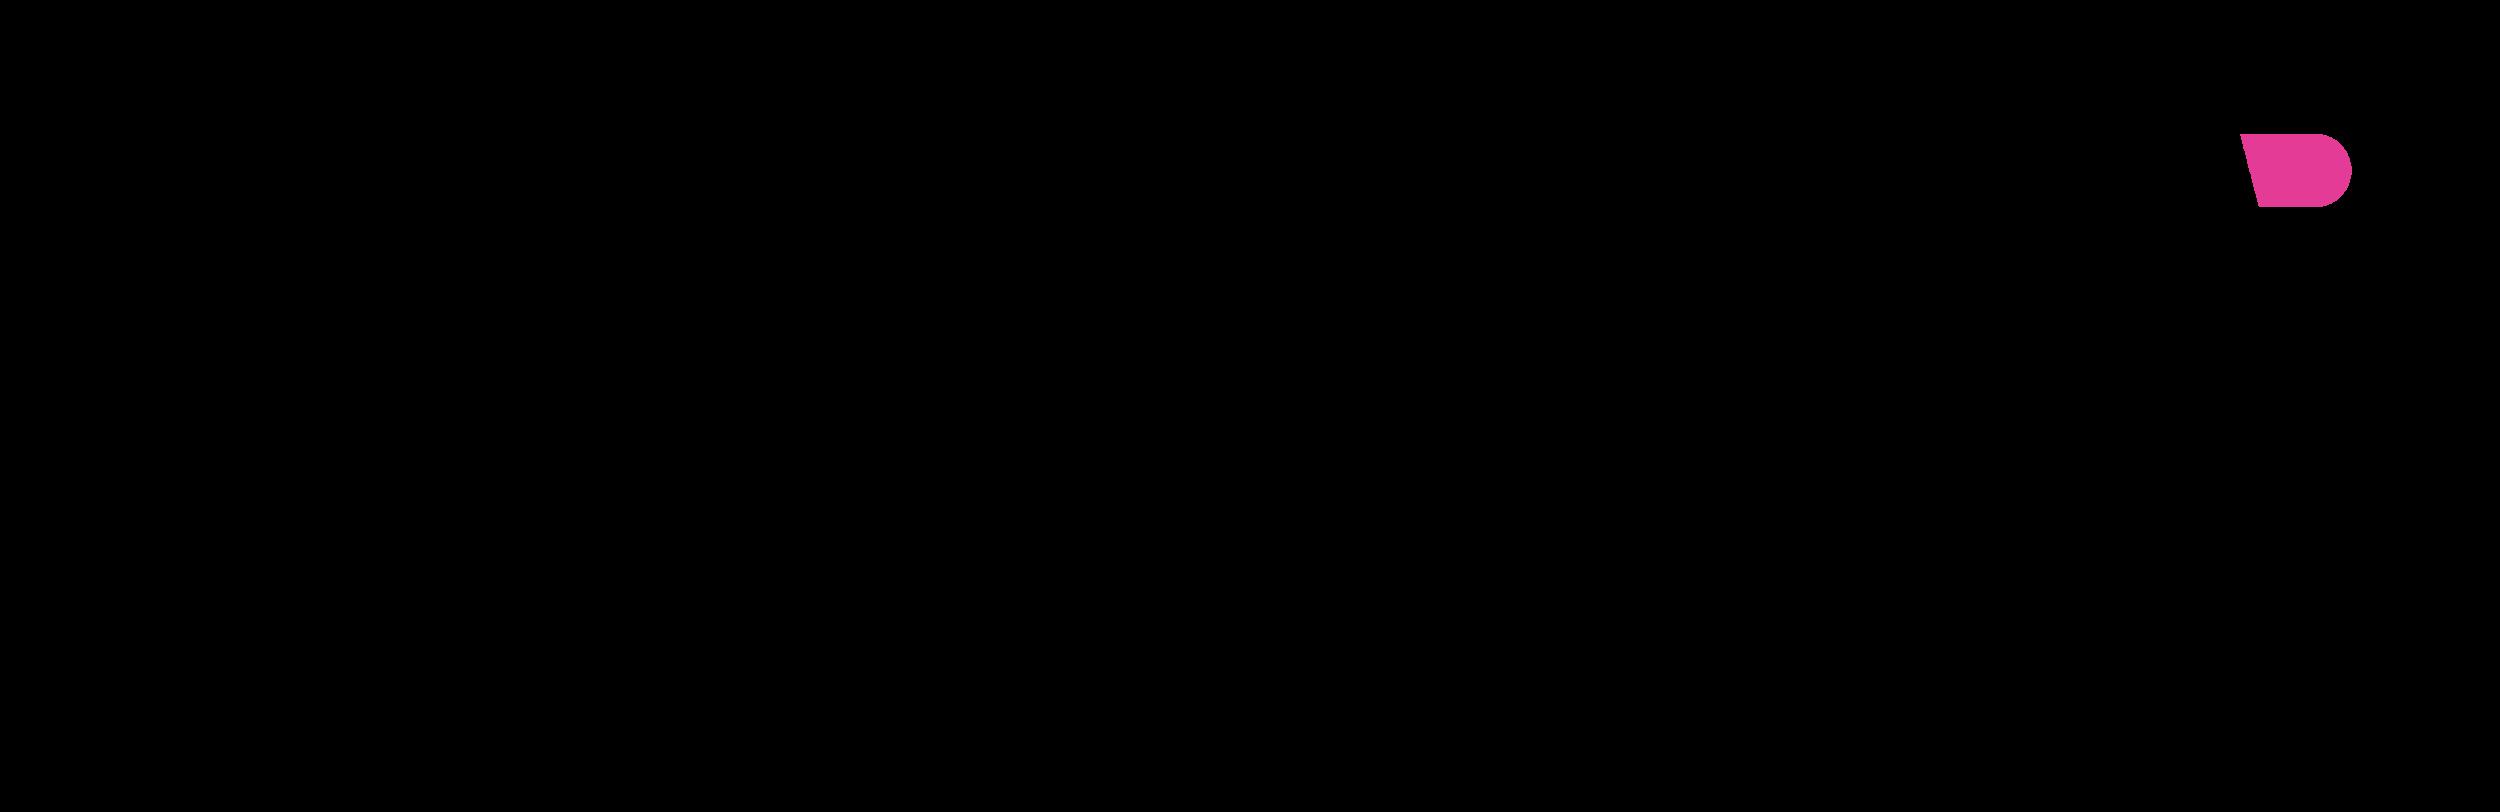 gamut_logo_lockup_CMYK-02.png